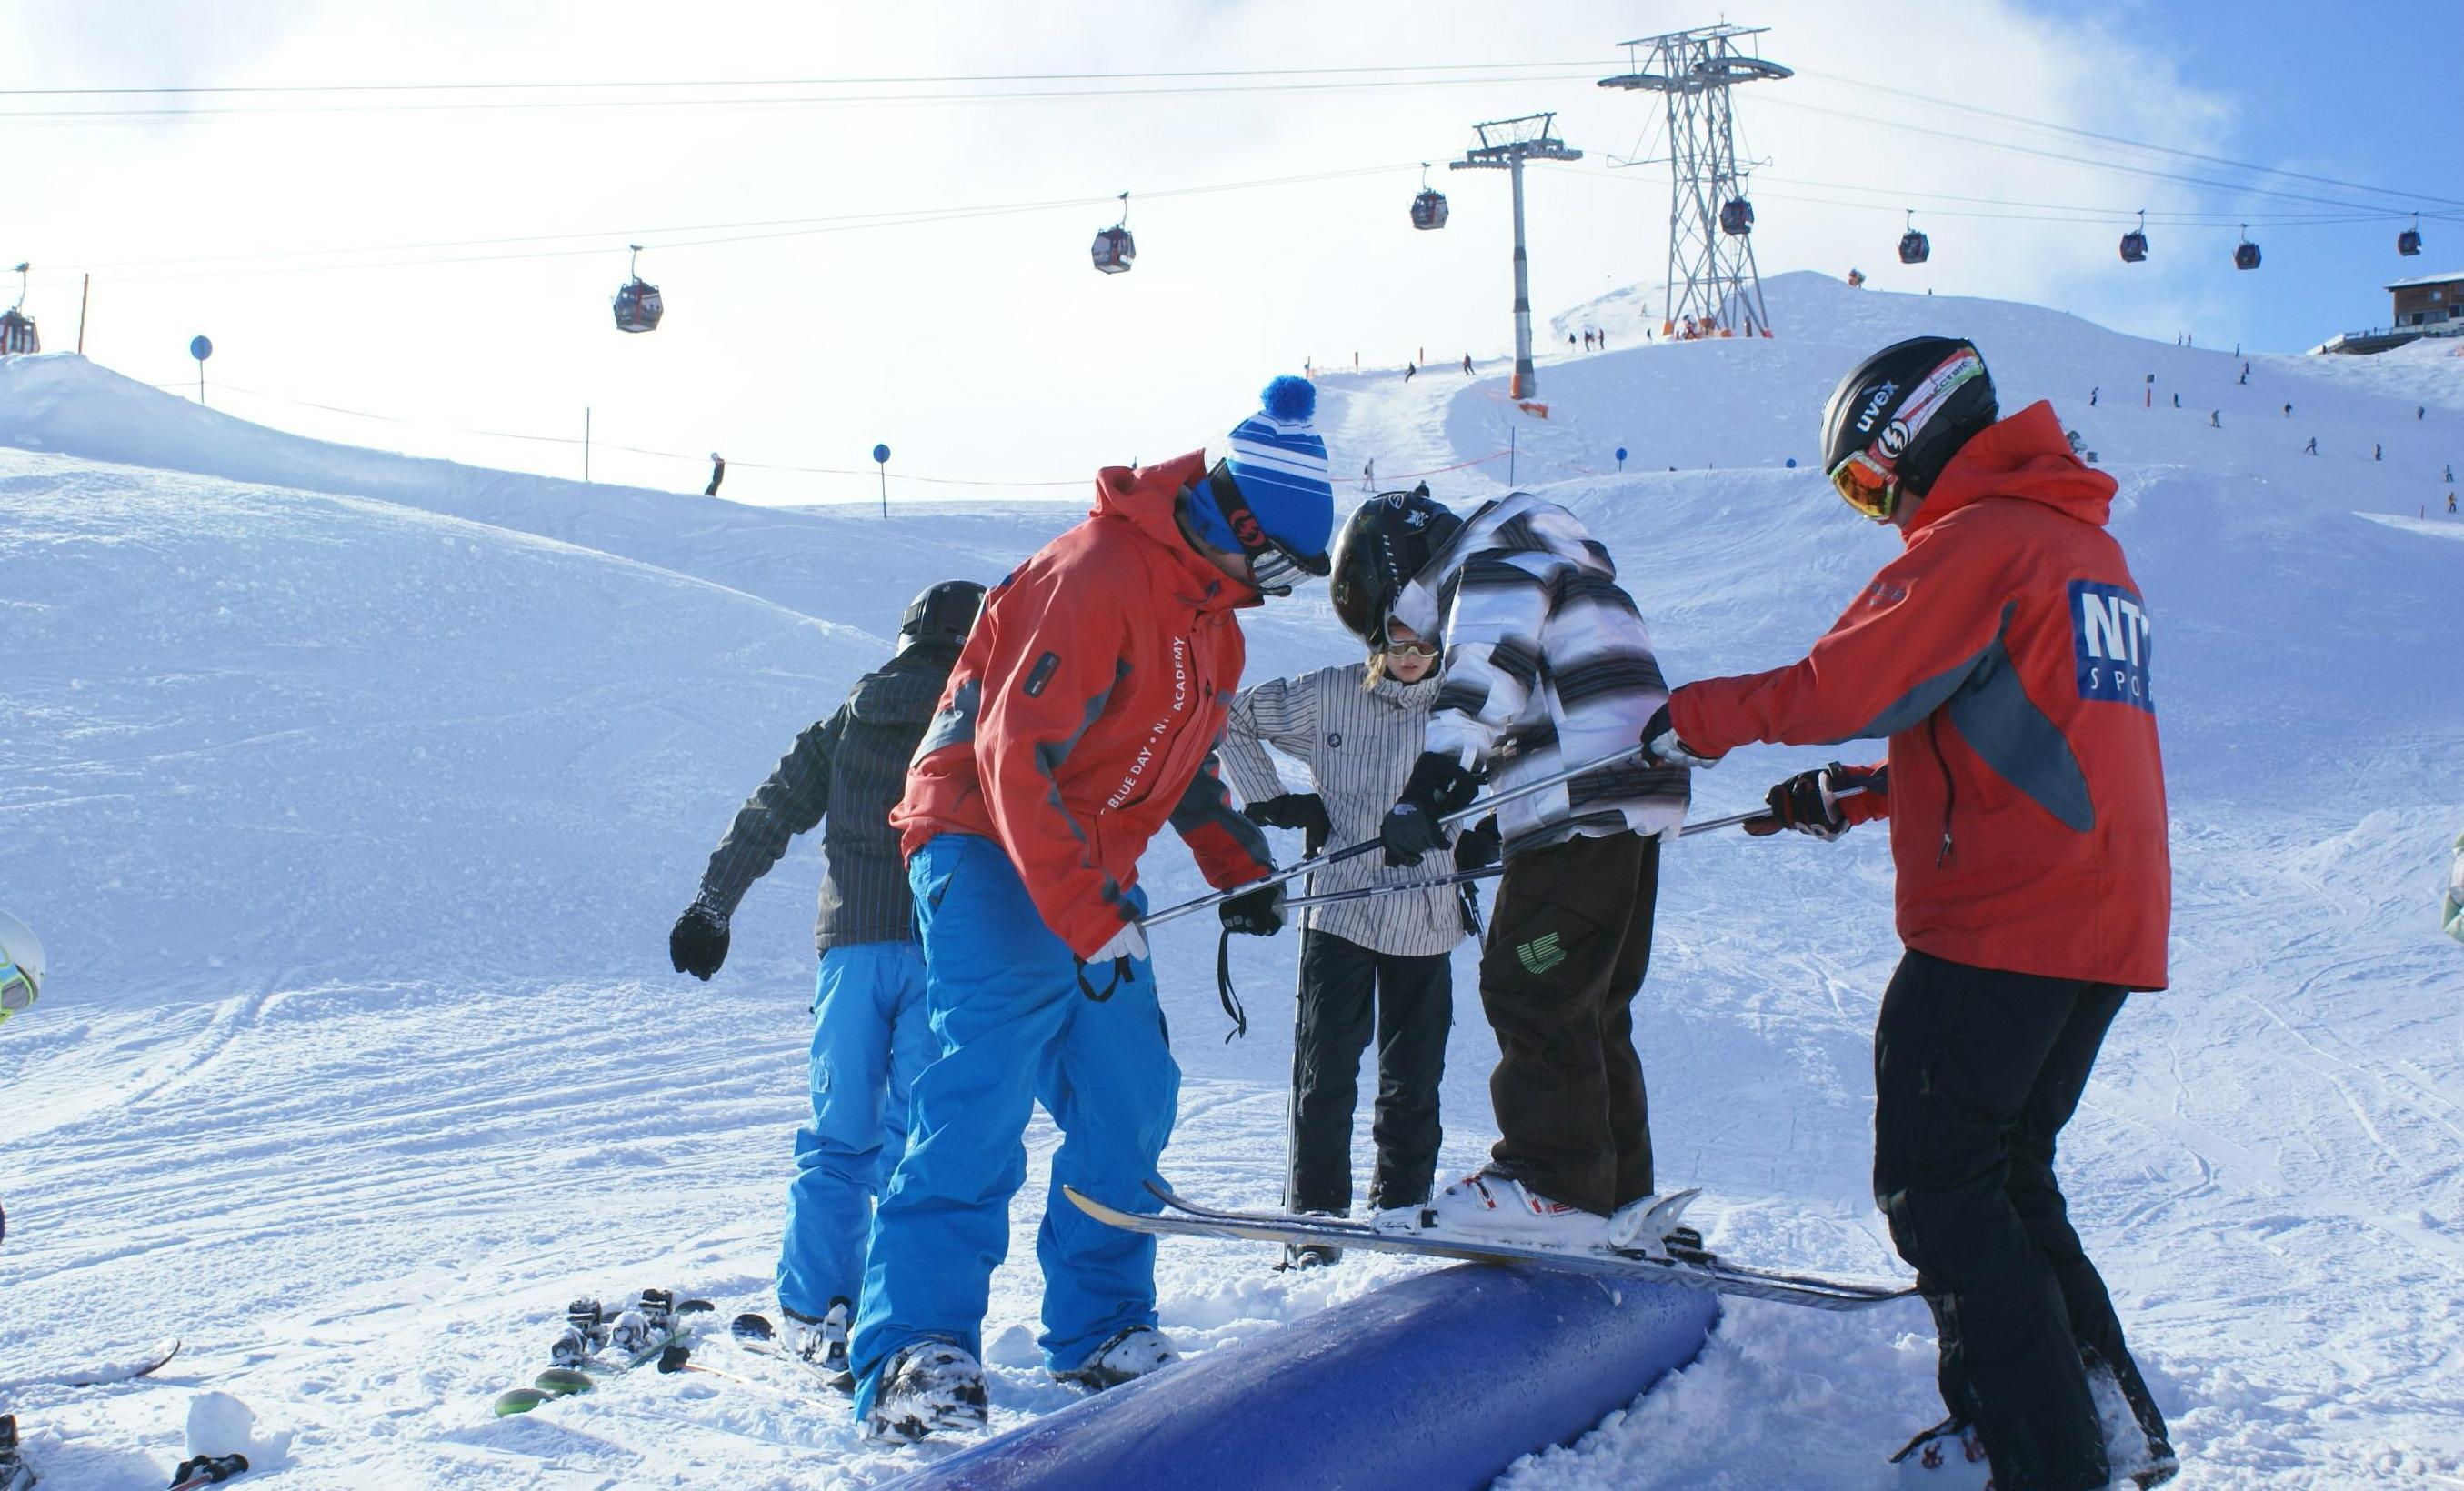 Skilessen voor kinderen vanaf 9 jaar - vergevorderd